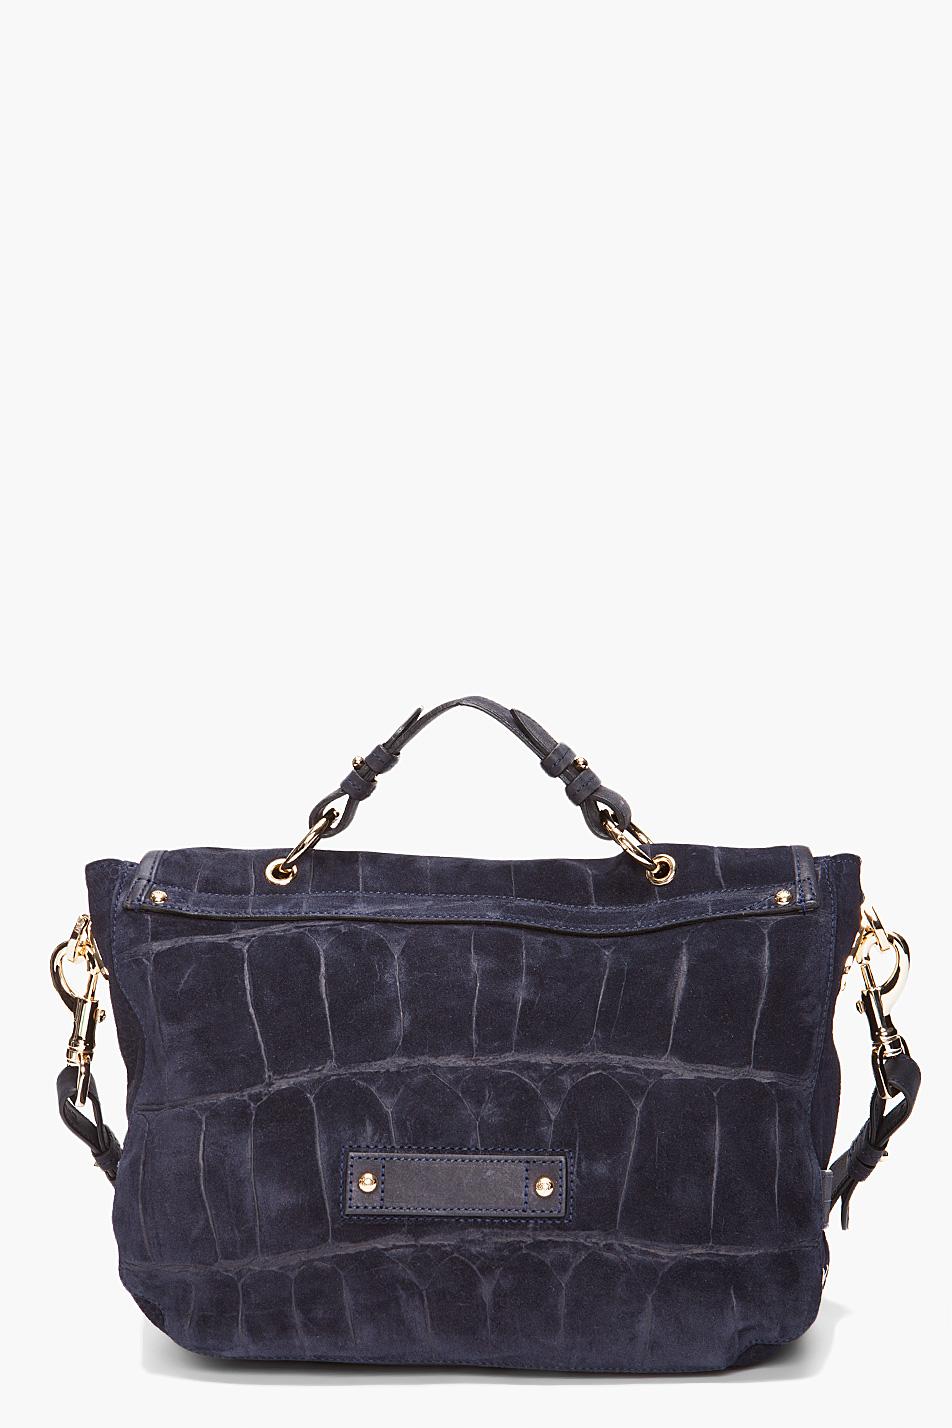 Lyst - Mulberry Tillie Satchel in Blue c1af209135022